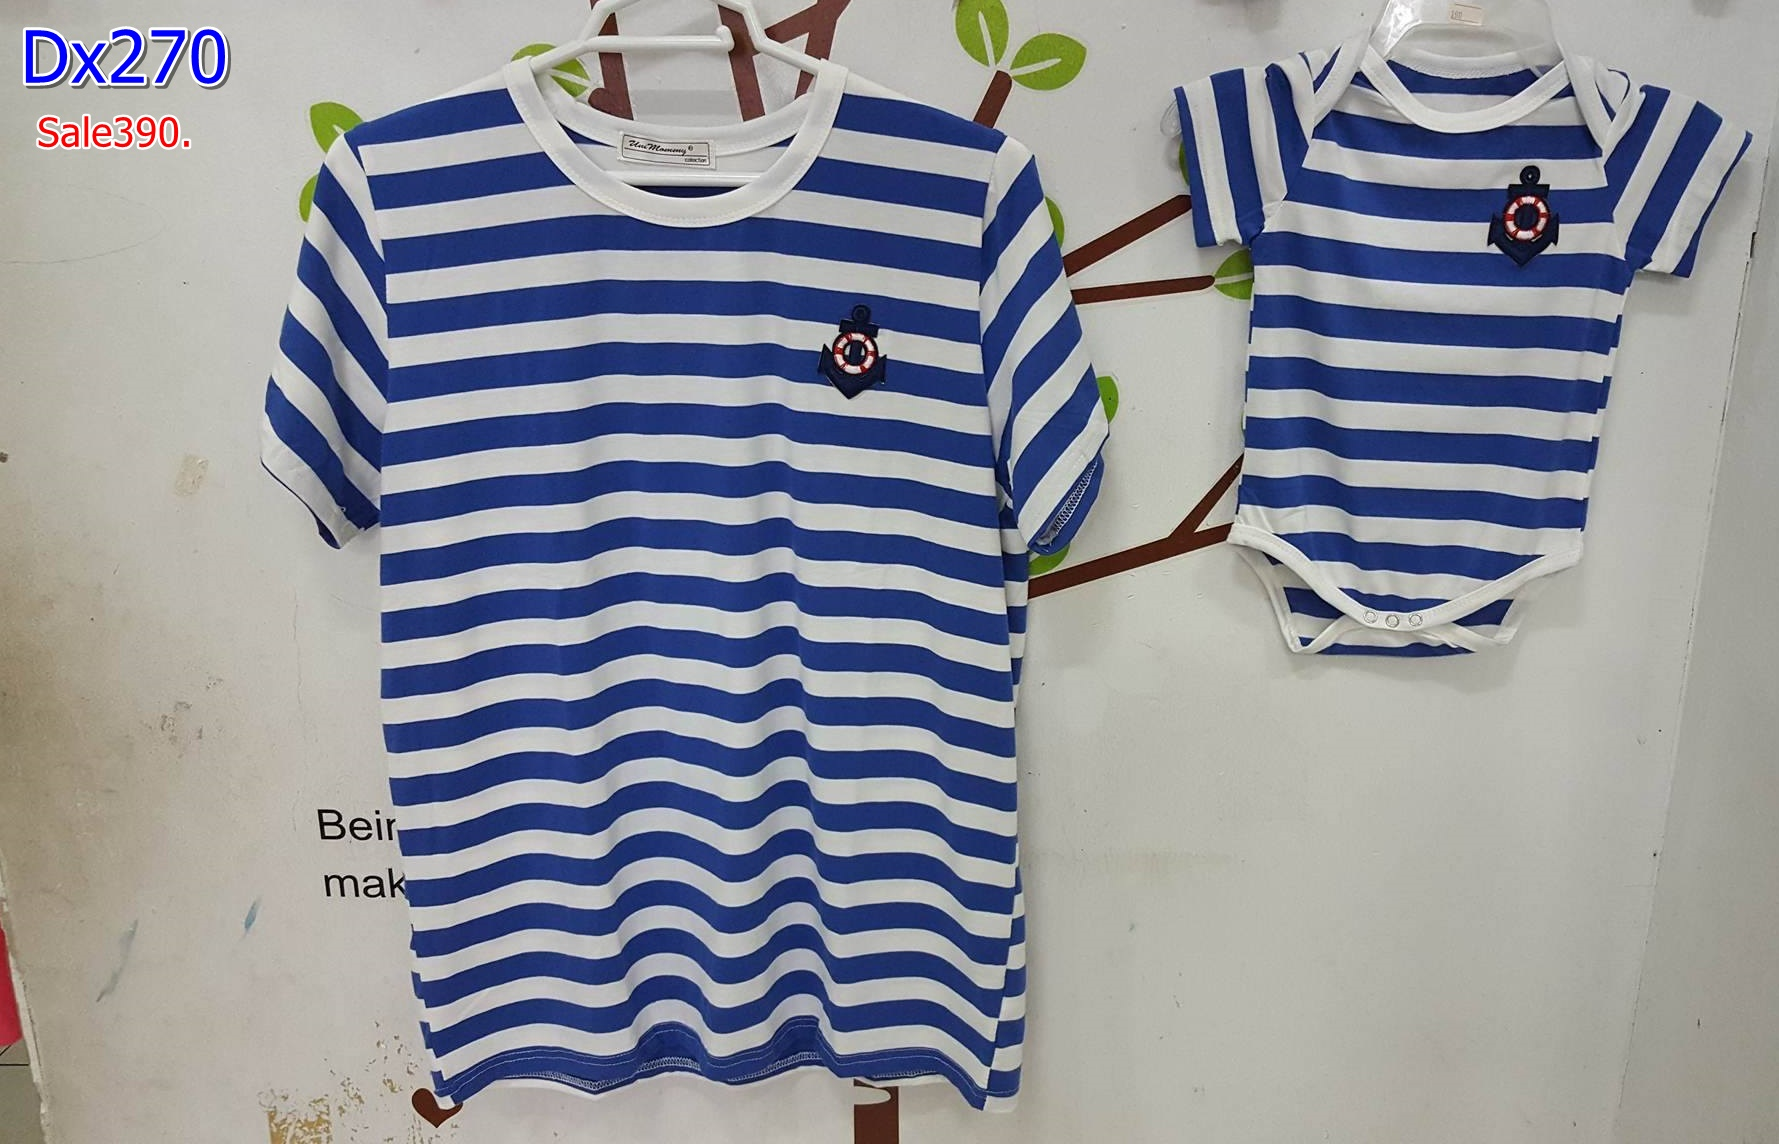 #ชุดset แม่ลูก เสื้อคลุมท้อง ผ้ายืดสีน้ำเงินลายขาว คอกลมแขนสั้น + ชุดเด็กน้อย 2-5 เดือน ผ้าเนื้อนิ่มใส่สบาย ใส่คู่กัน น่ารักใส่สบายจร้า